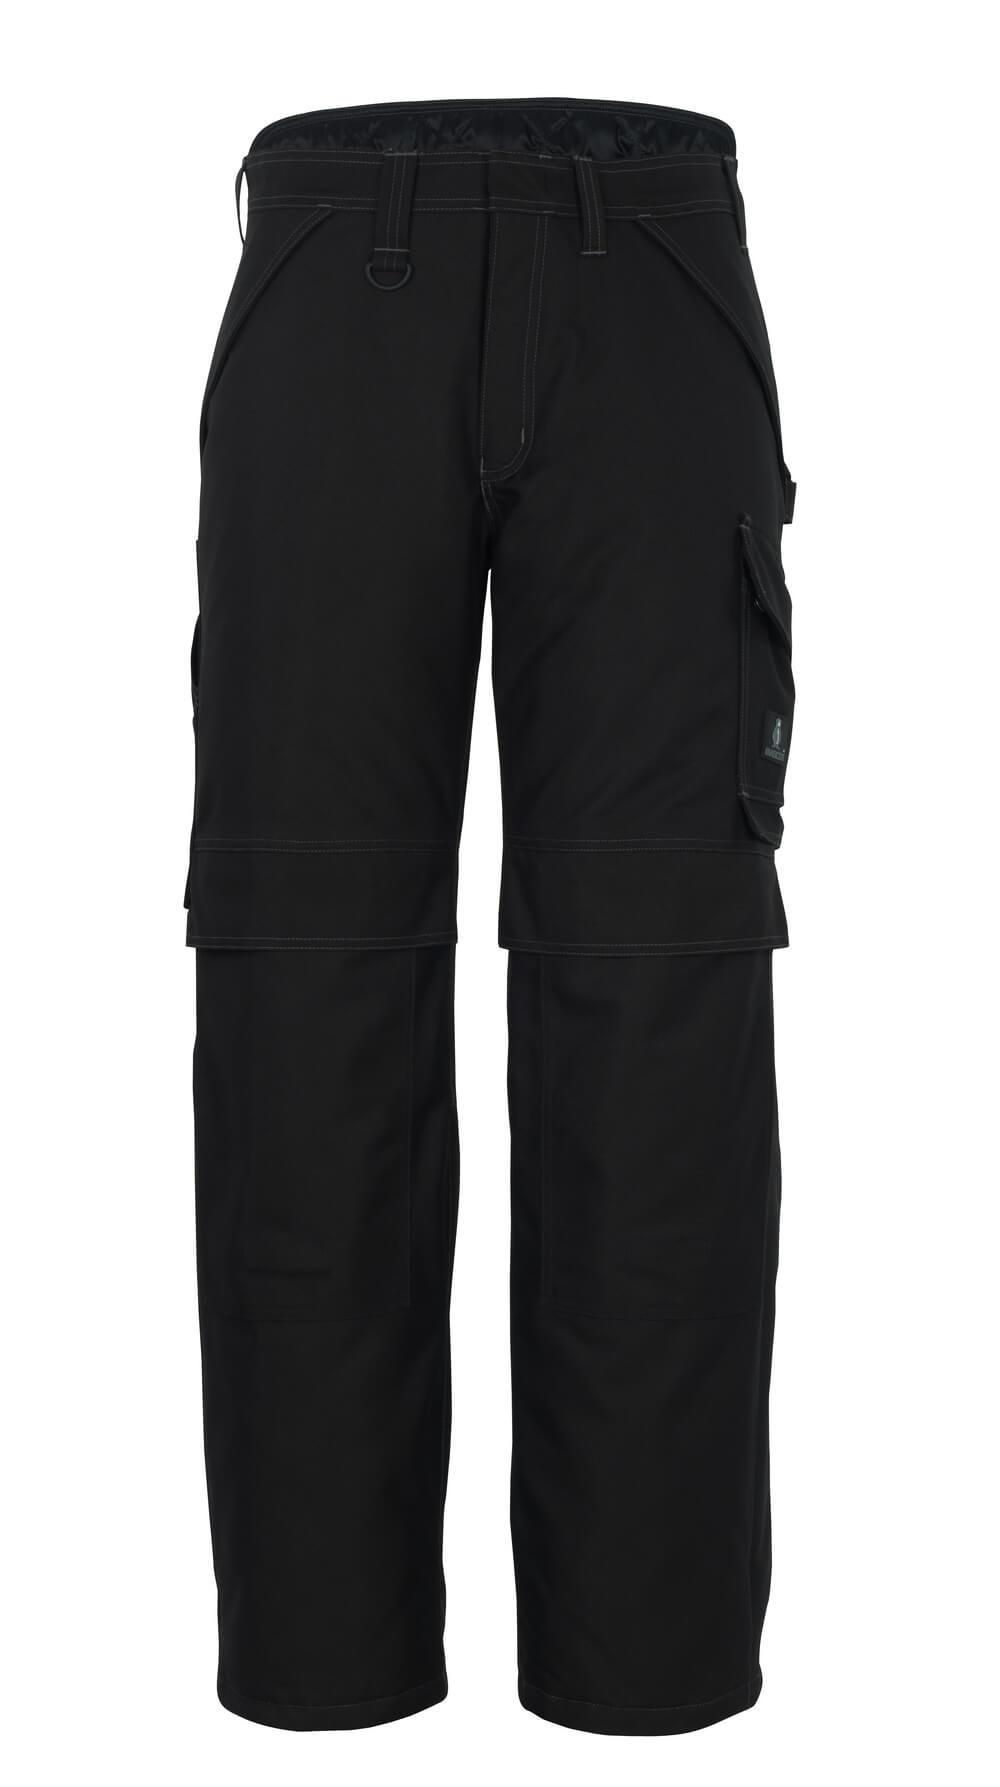 10090-194-09 Vinterbukse med knelommer - svart